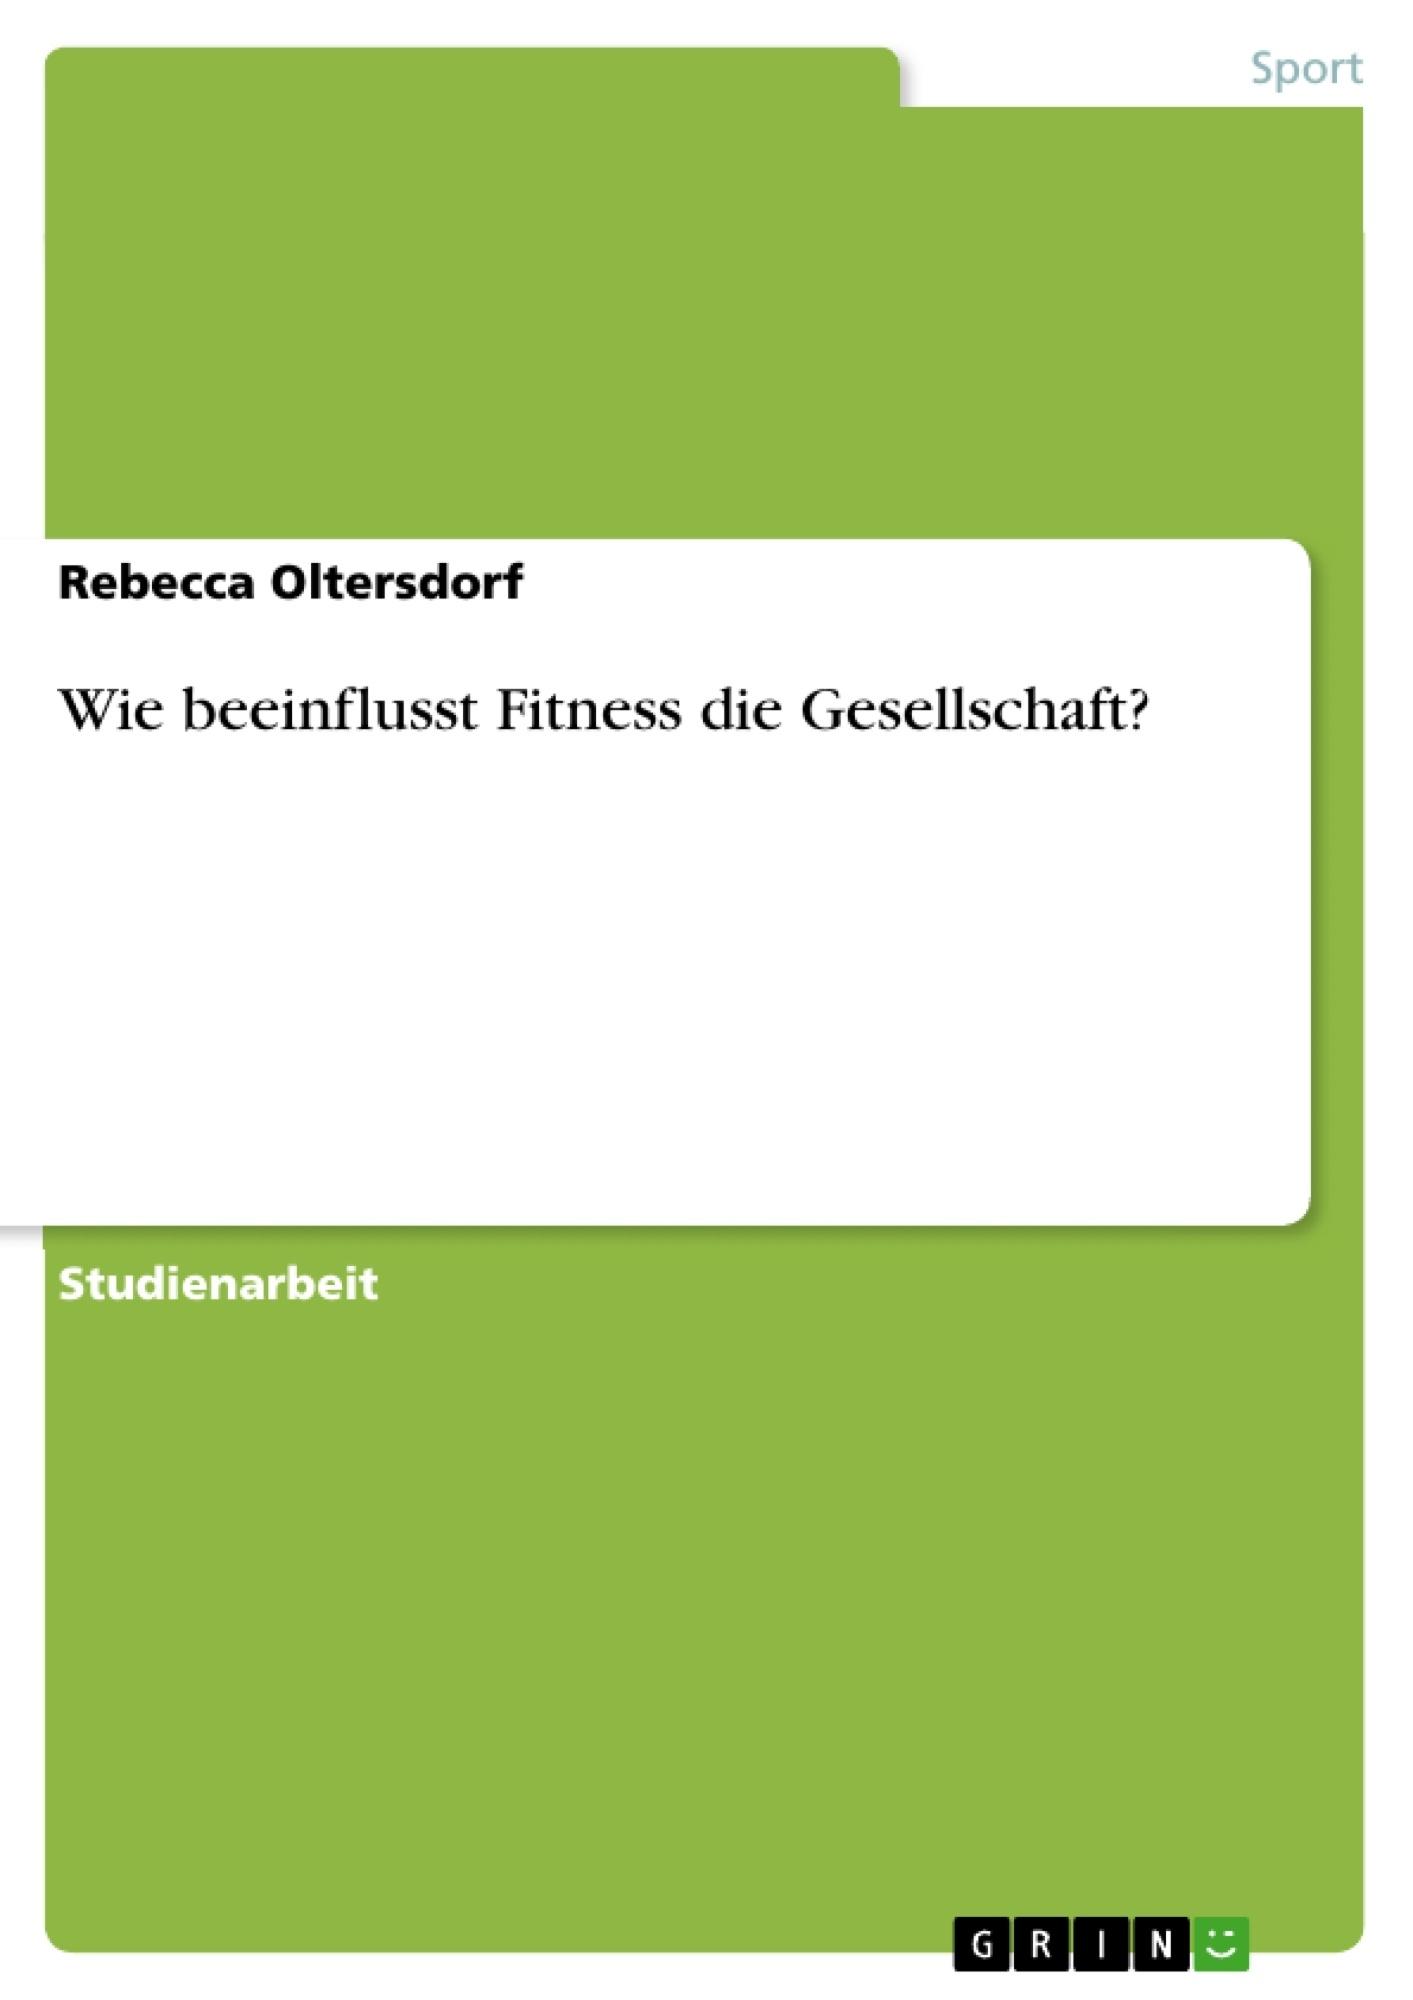 Titel: Wie beeinflusst Fitness die Gesellschaft?